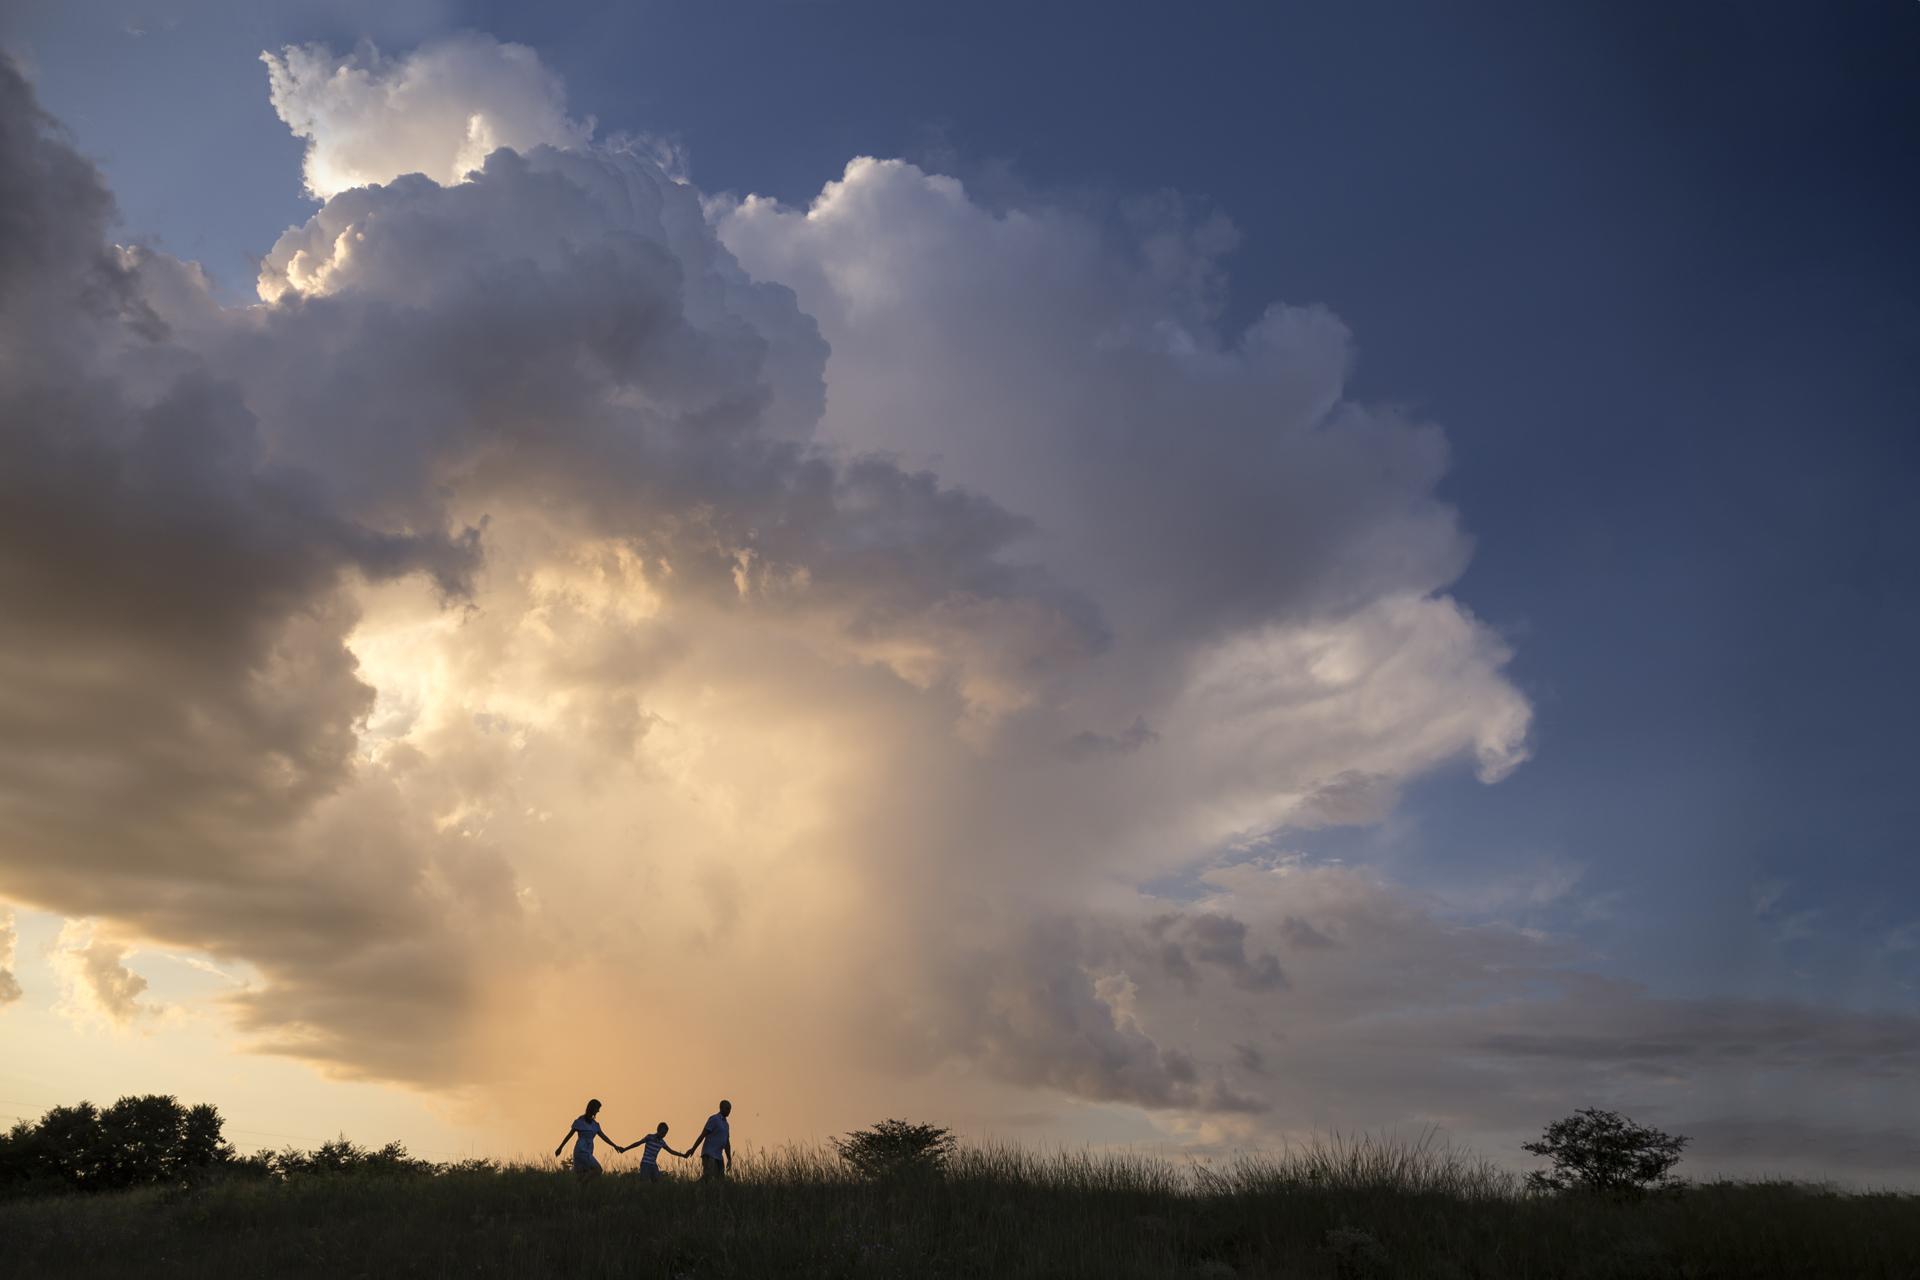 családfotó, gyerekfotó, szabadtér, természet, felhős ég, szentendre